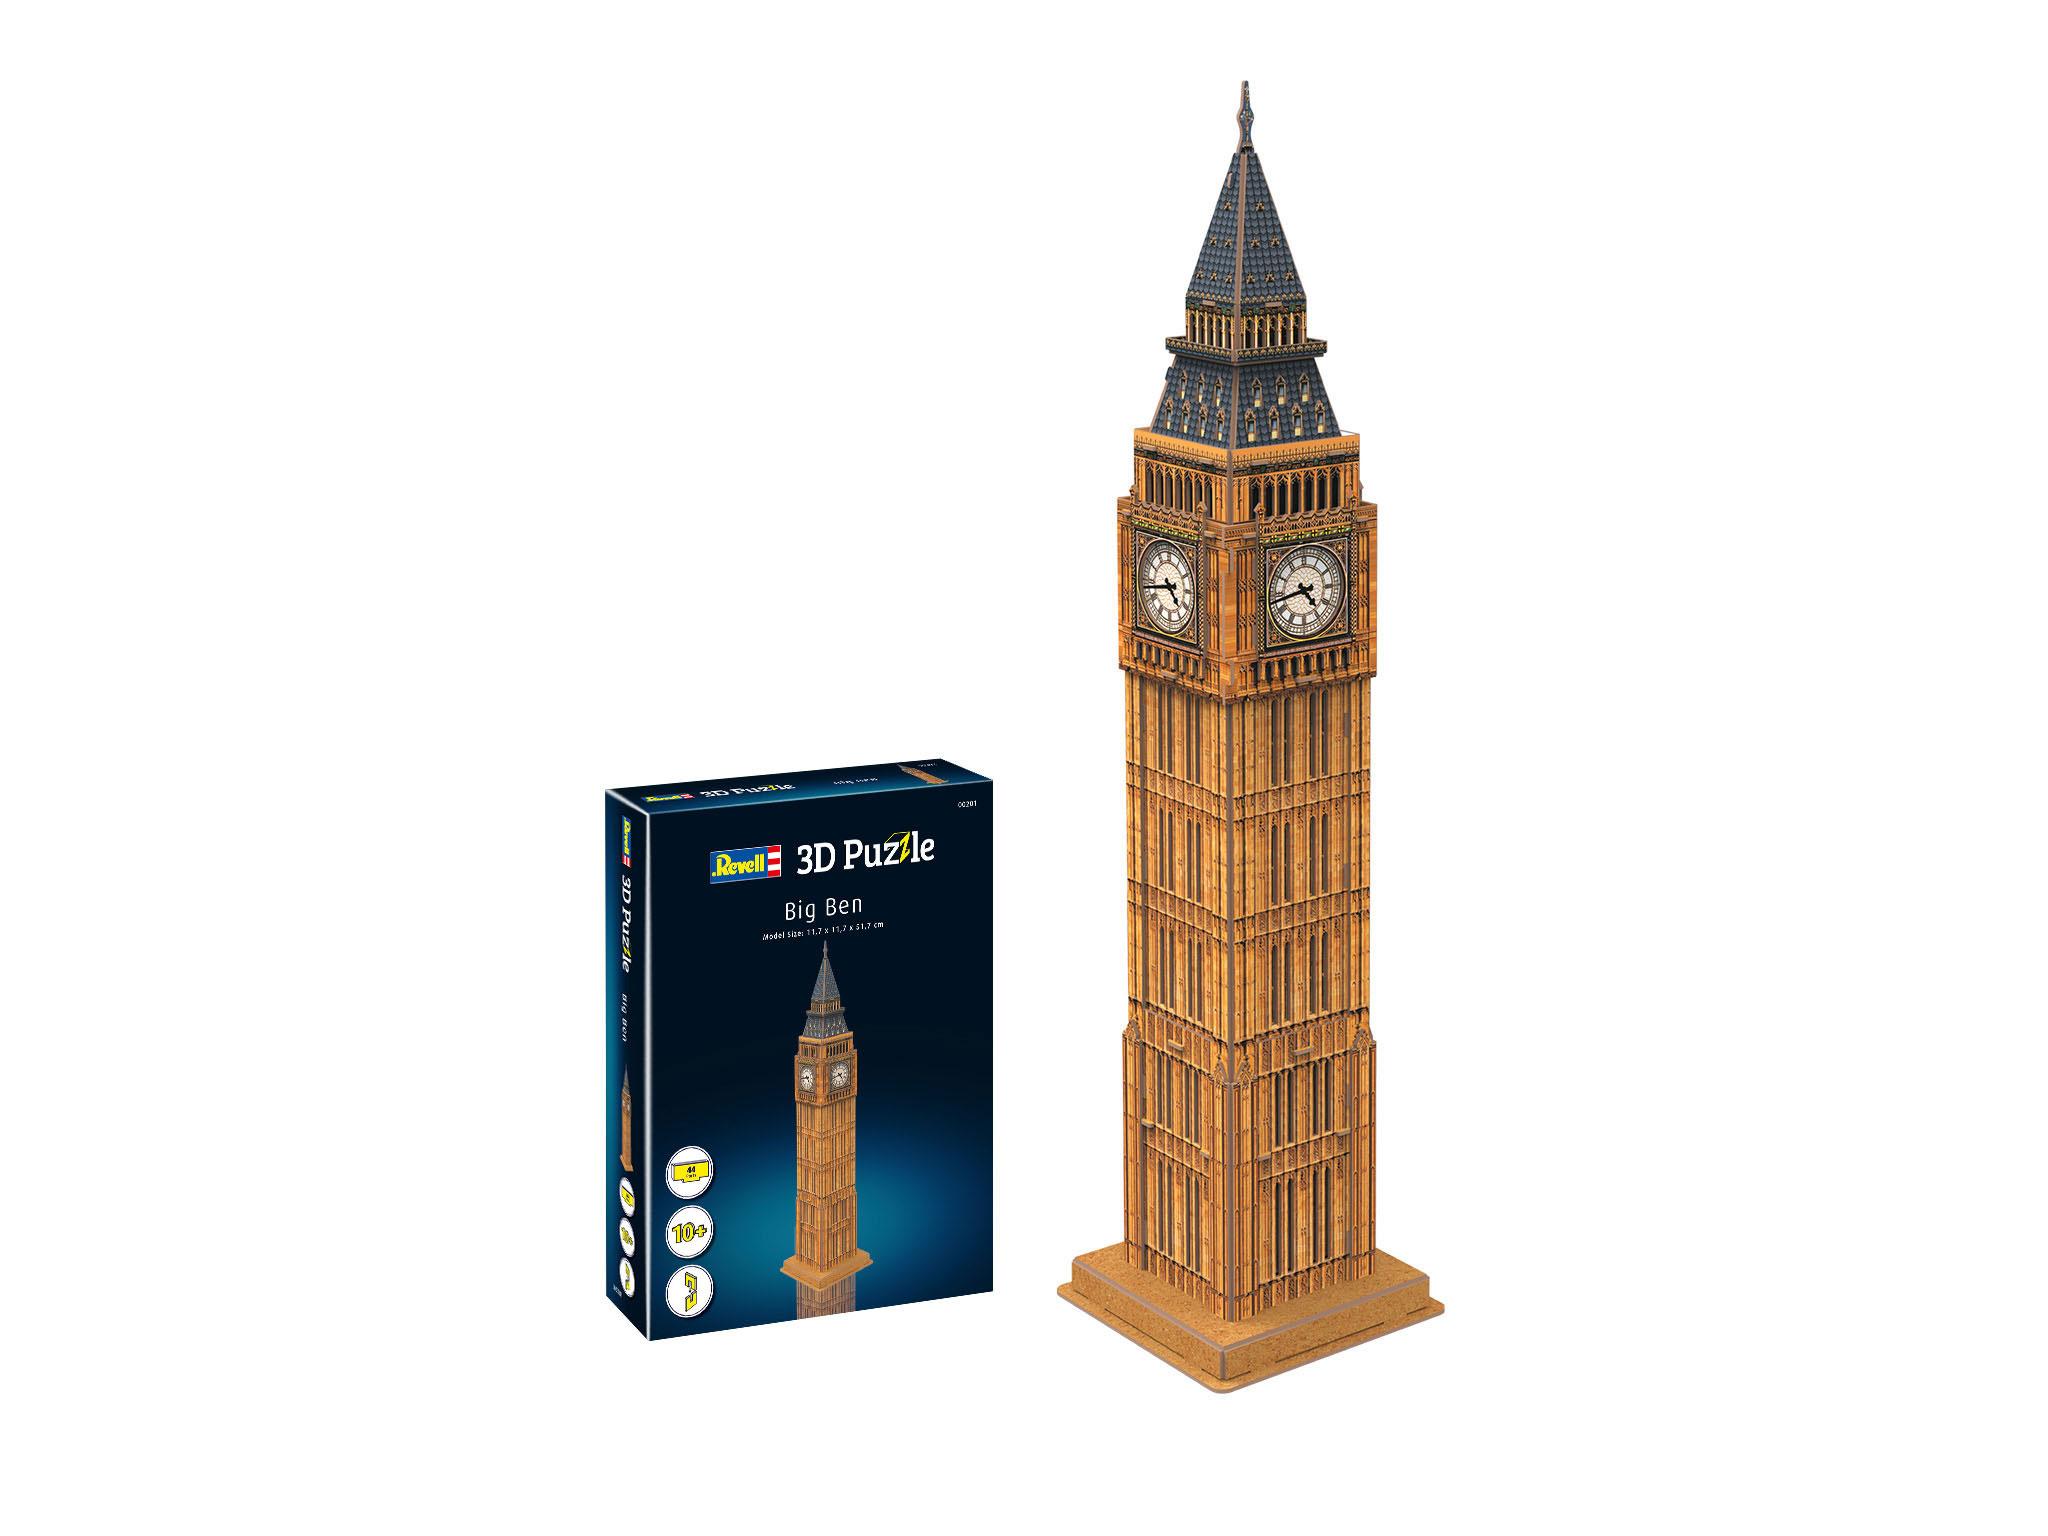 Revell 3D Puzzle - Big Ben 00201